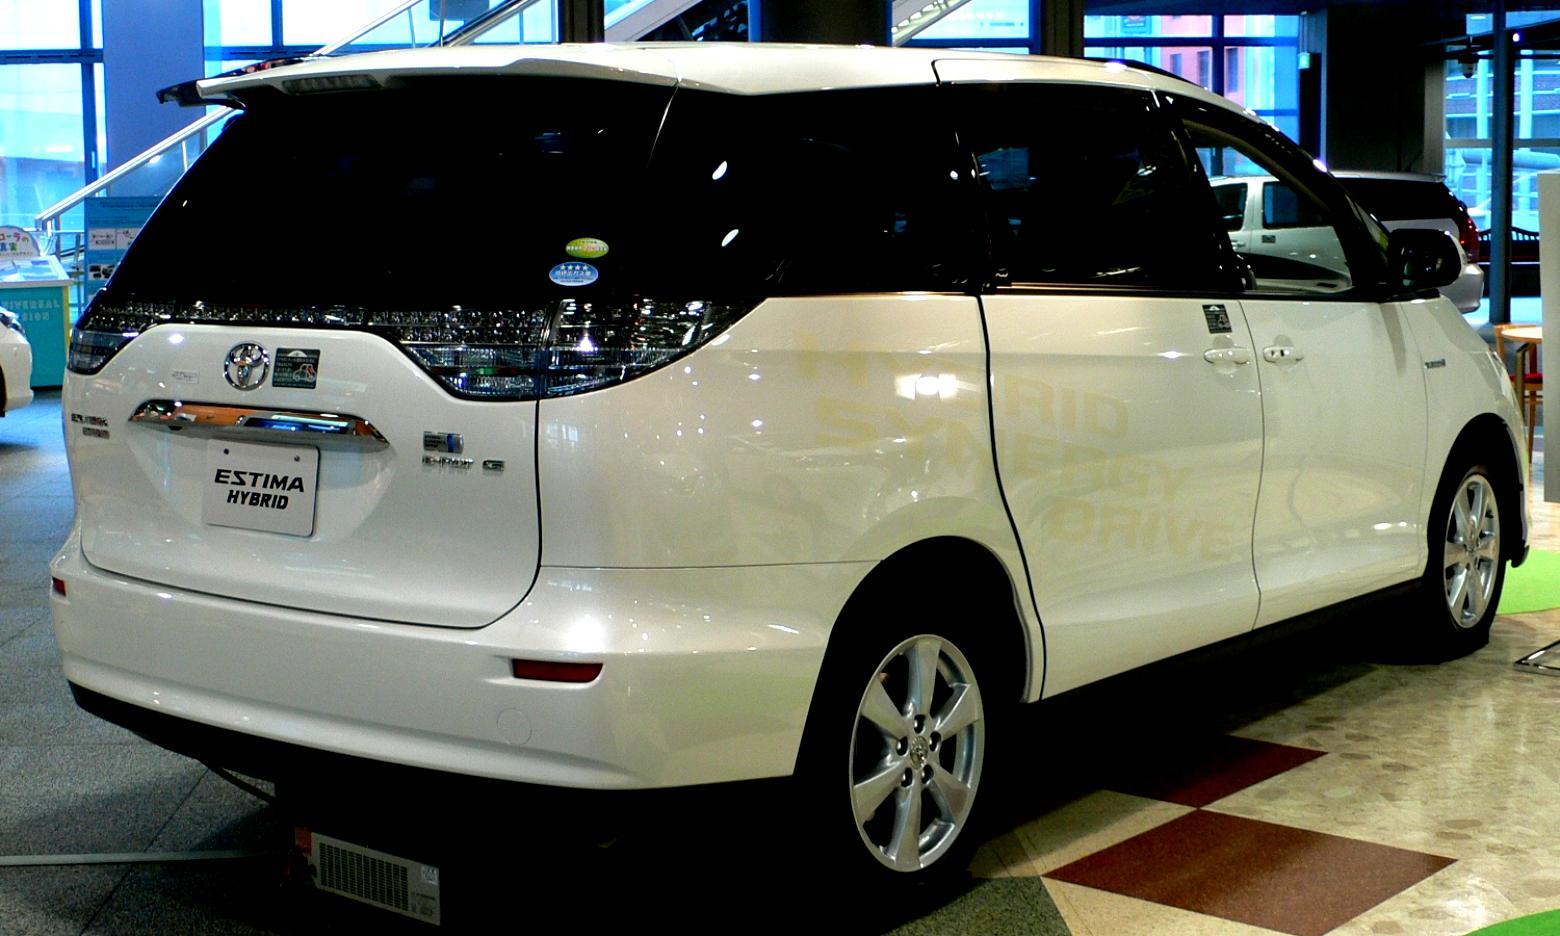 Продажа Toyota (Тойота) в России